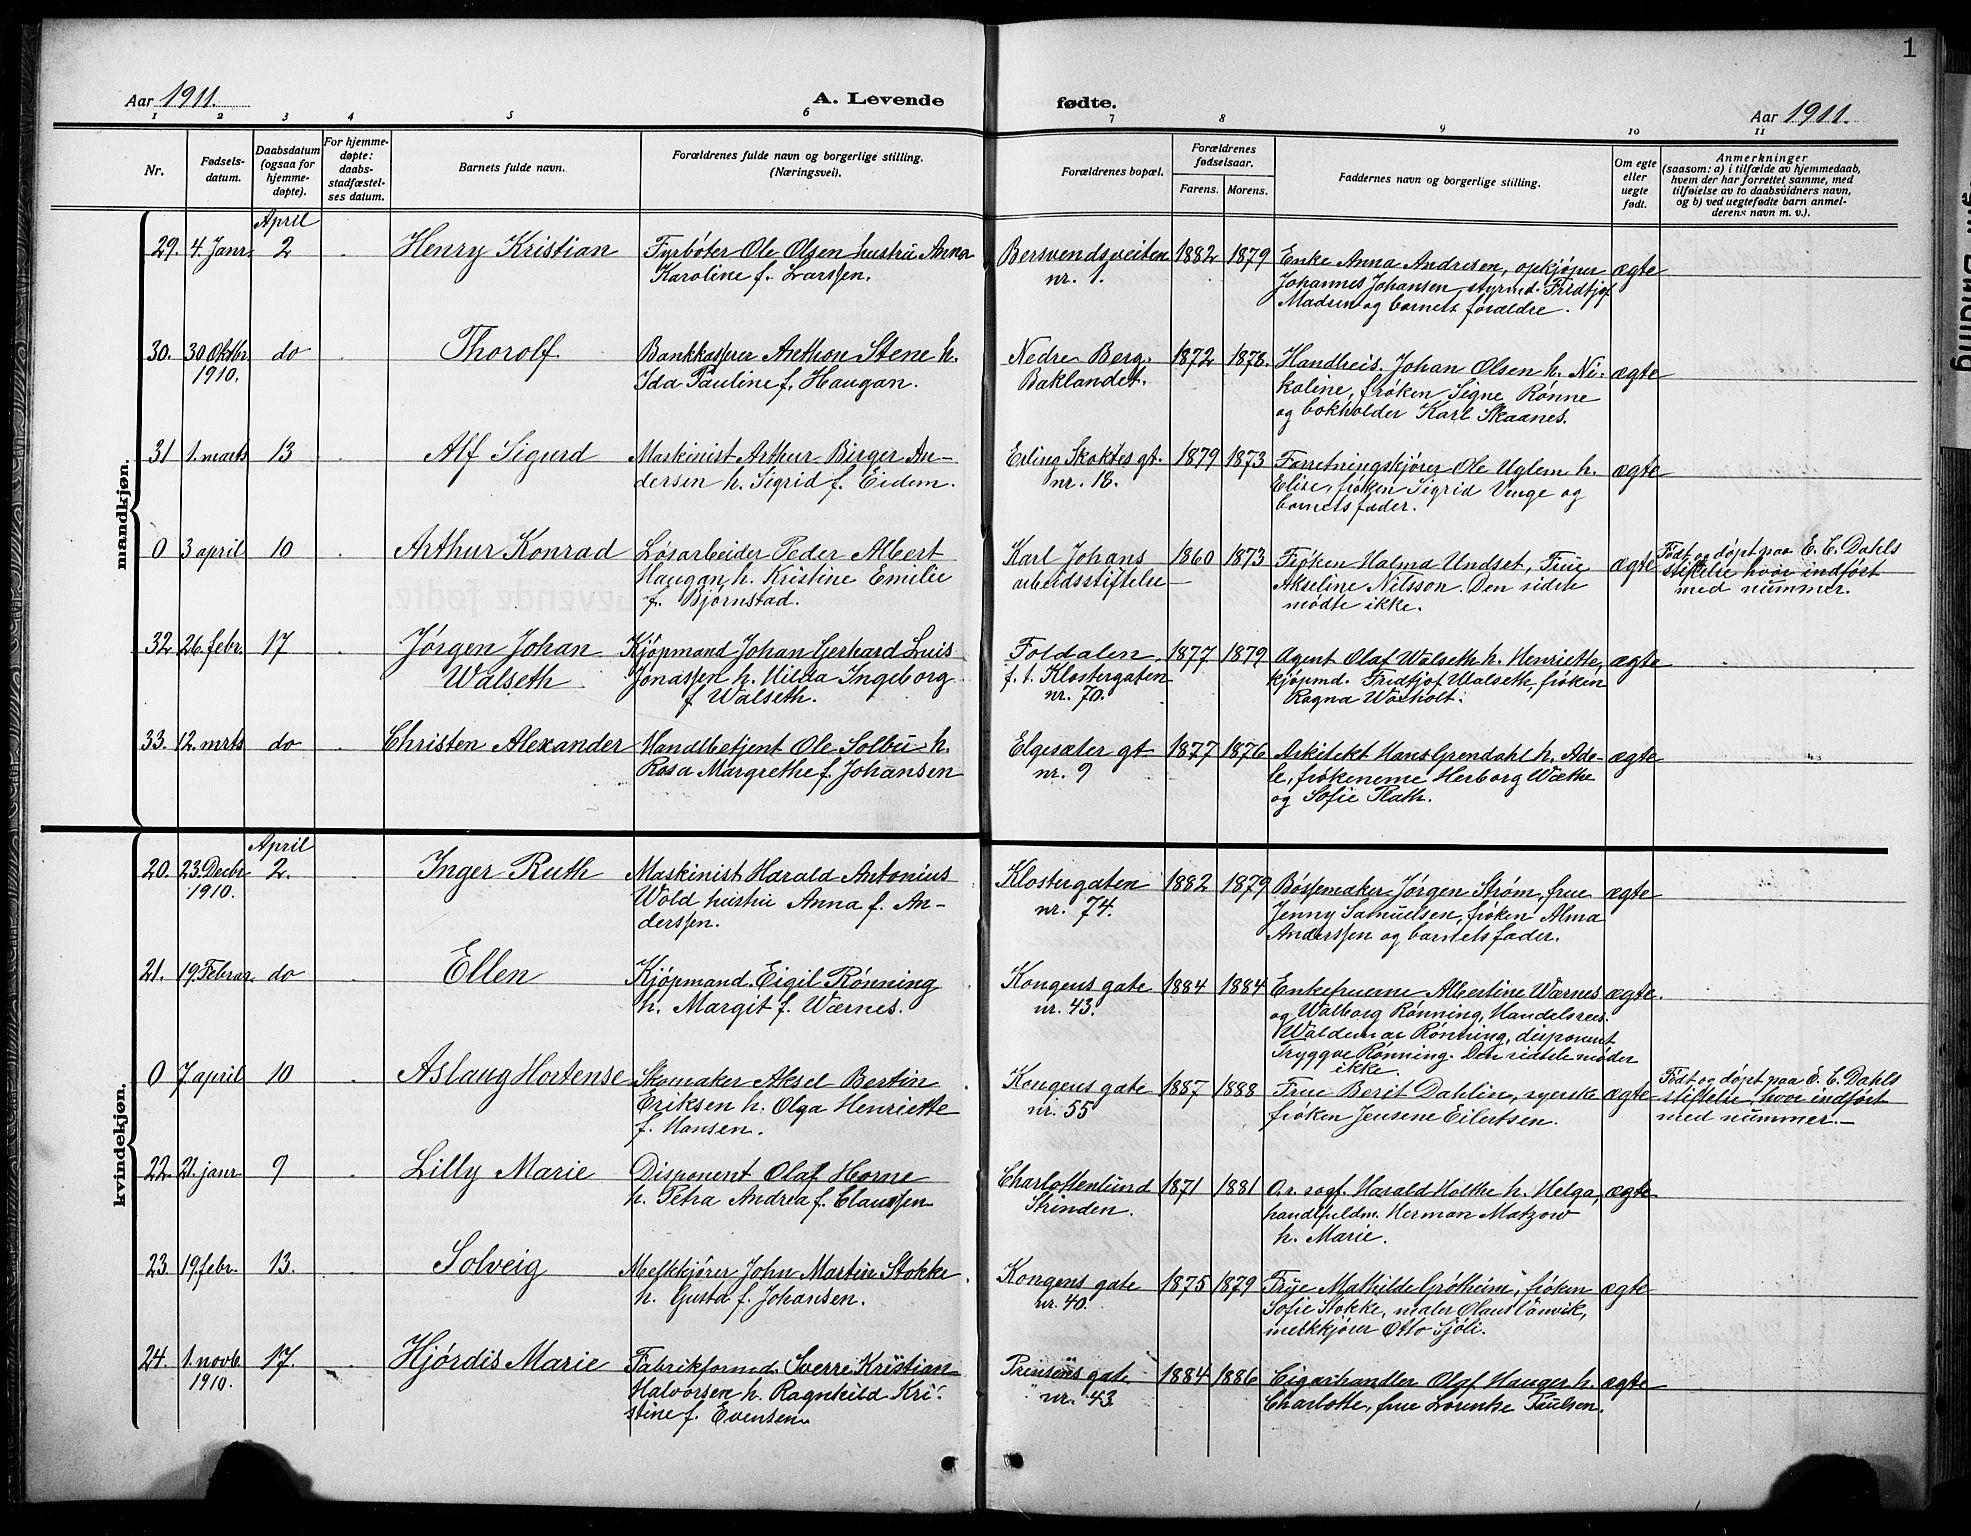 SAT, Ministerialprotokoller, klokkerbøker og fødselsregistre - Sør-Trøndelag, 601/L0096: Klokkerbok nr. 601C14, 1911-1931, s. 1